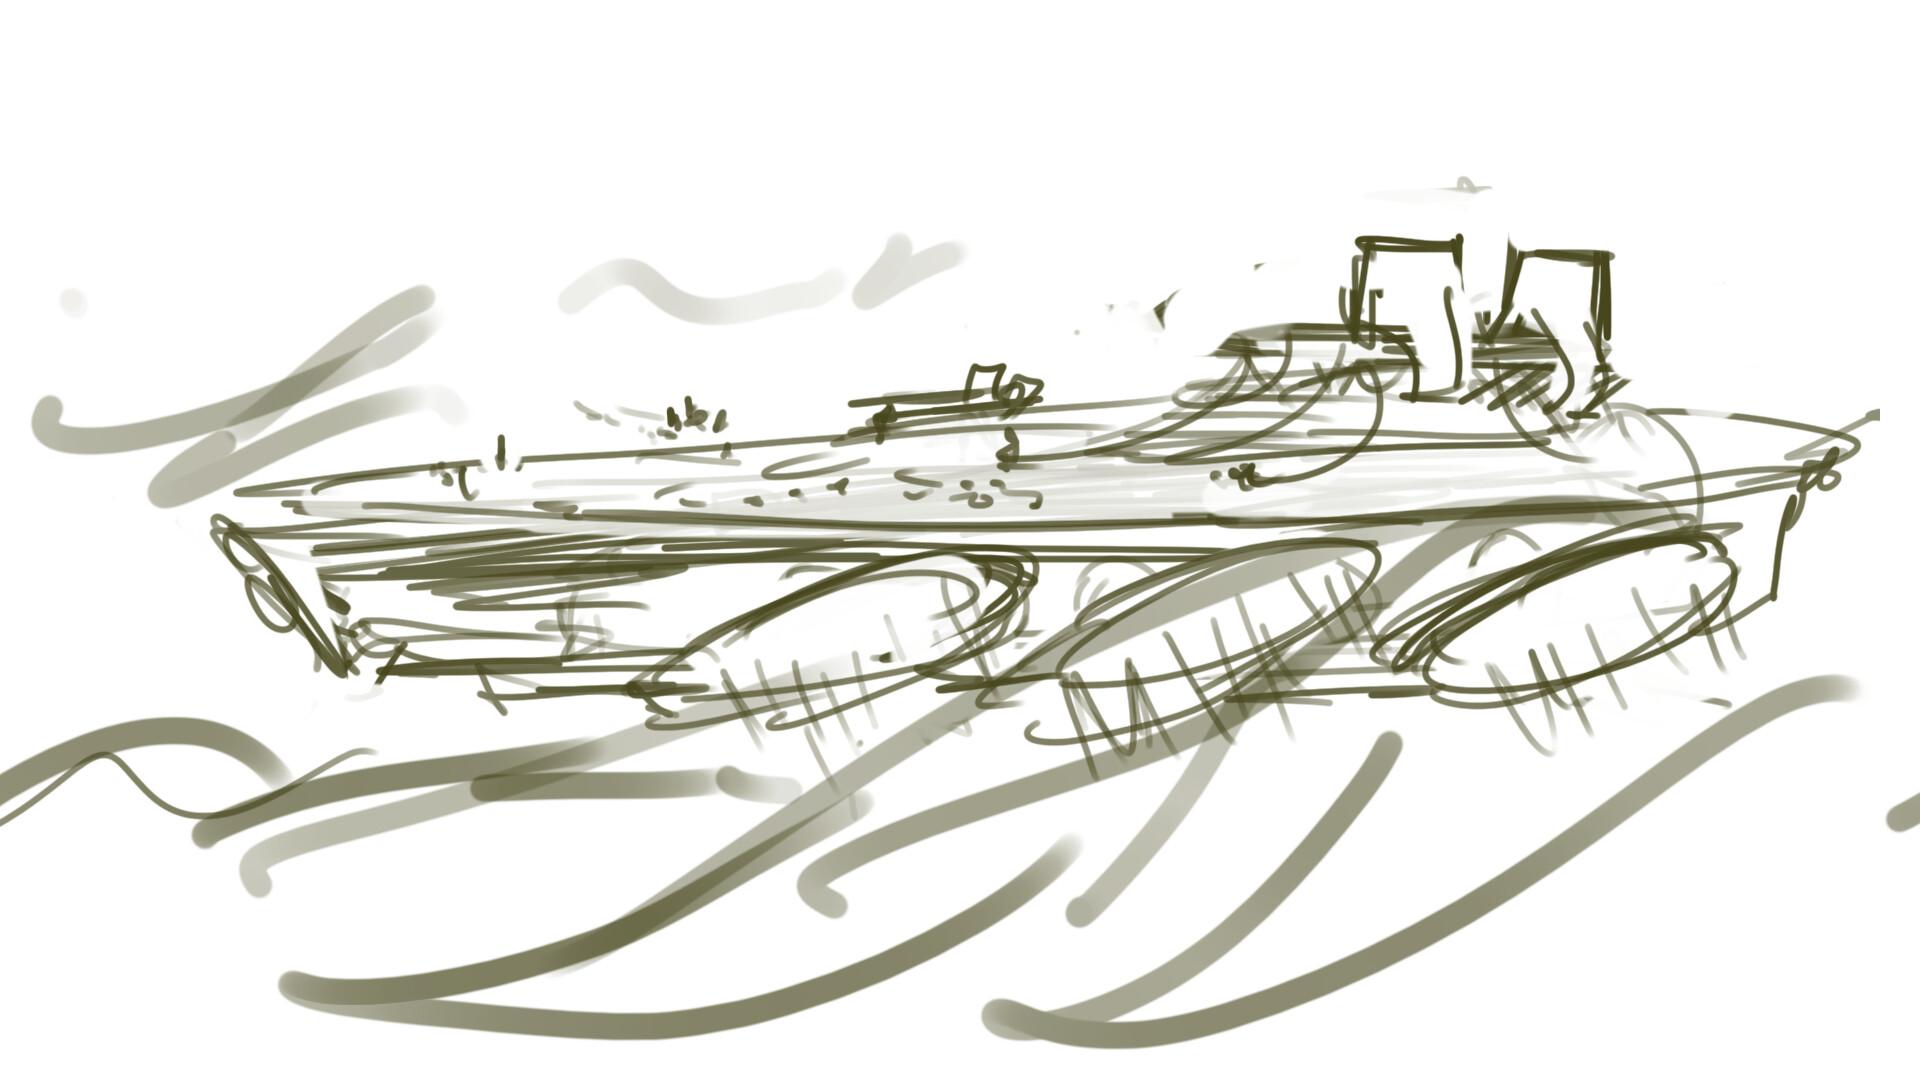 Alexander laheij drawing10 33